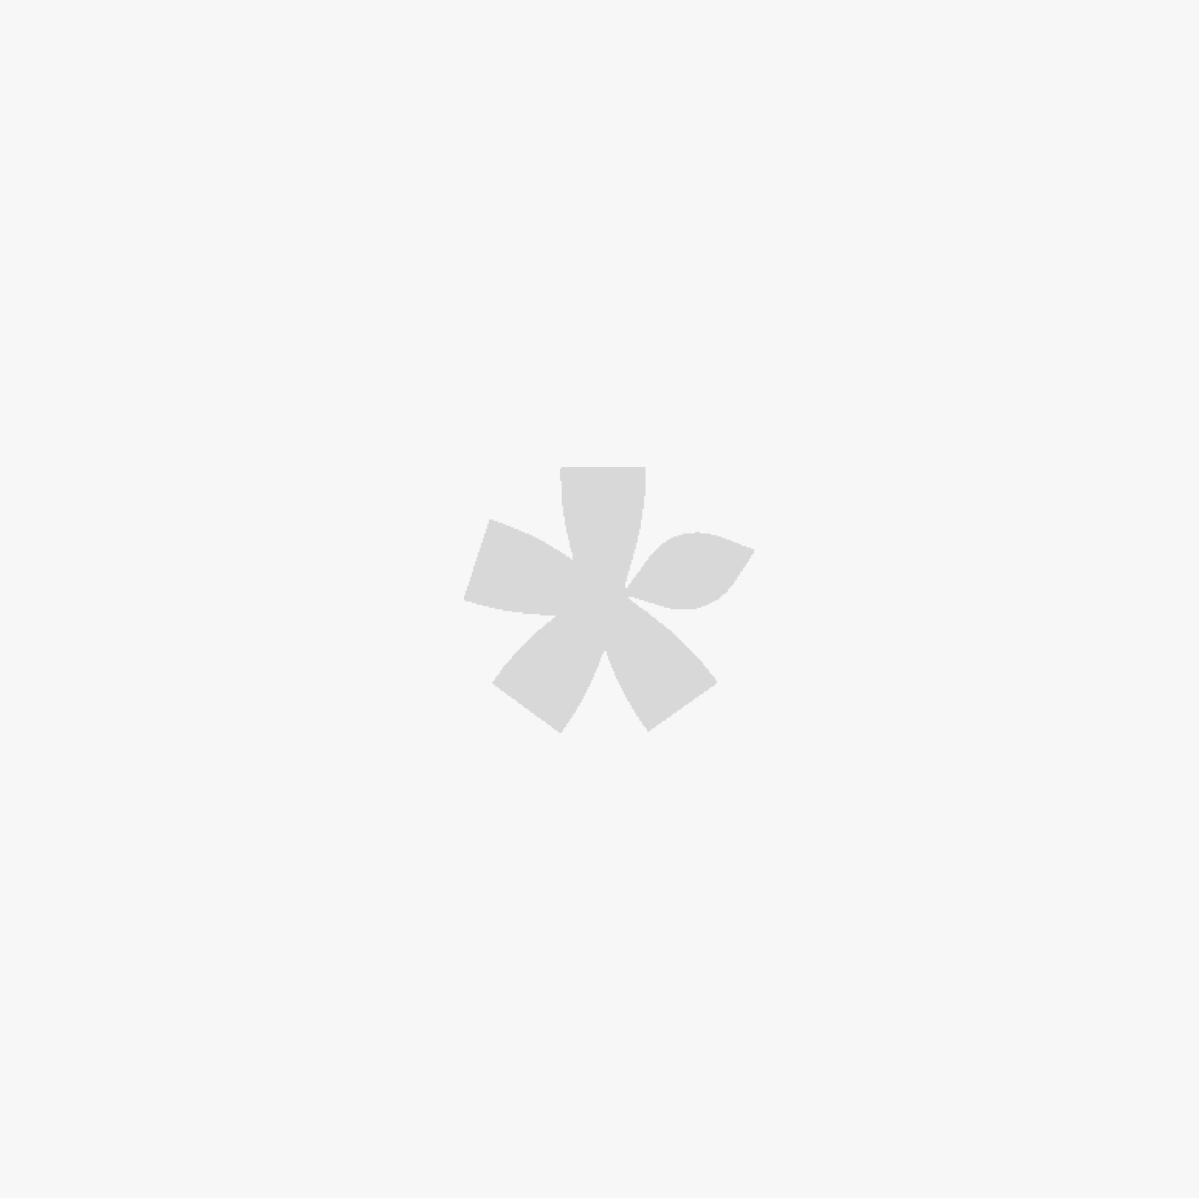 Πίνακας Κολάζ Τραπουλόχαρτο Τζόκερ 100x145 εκ.